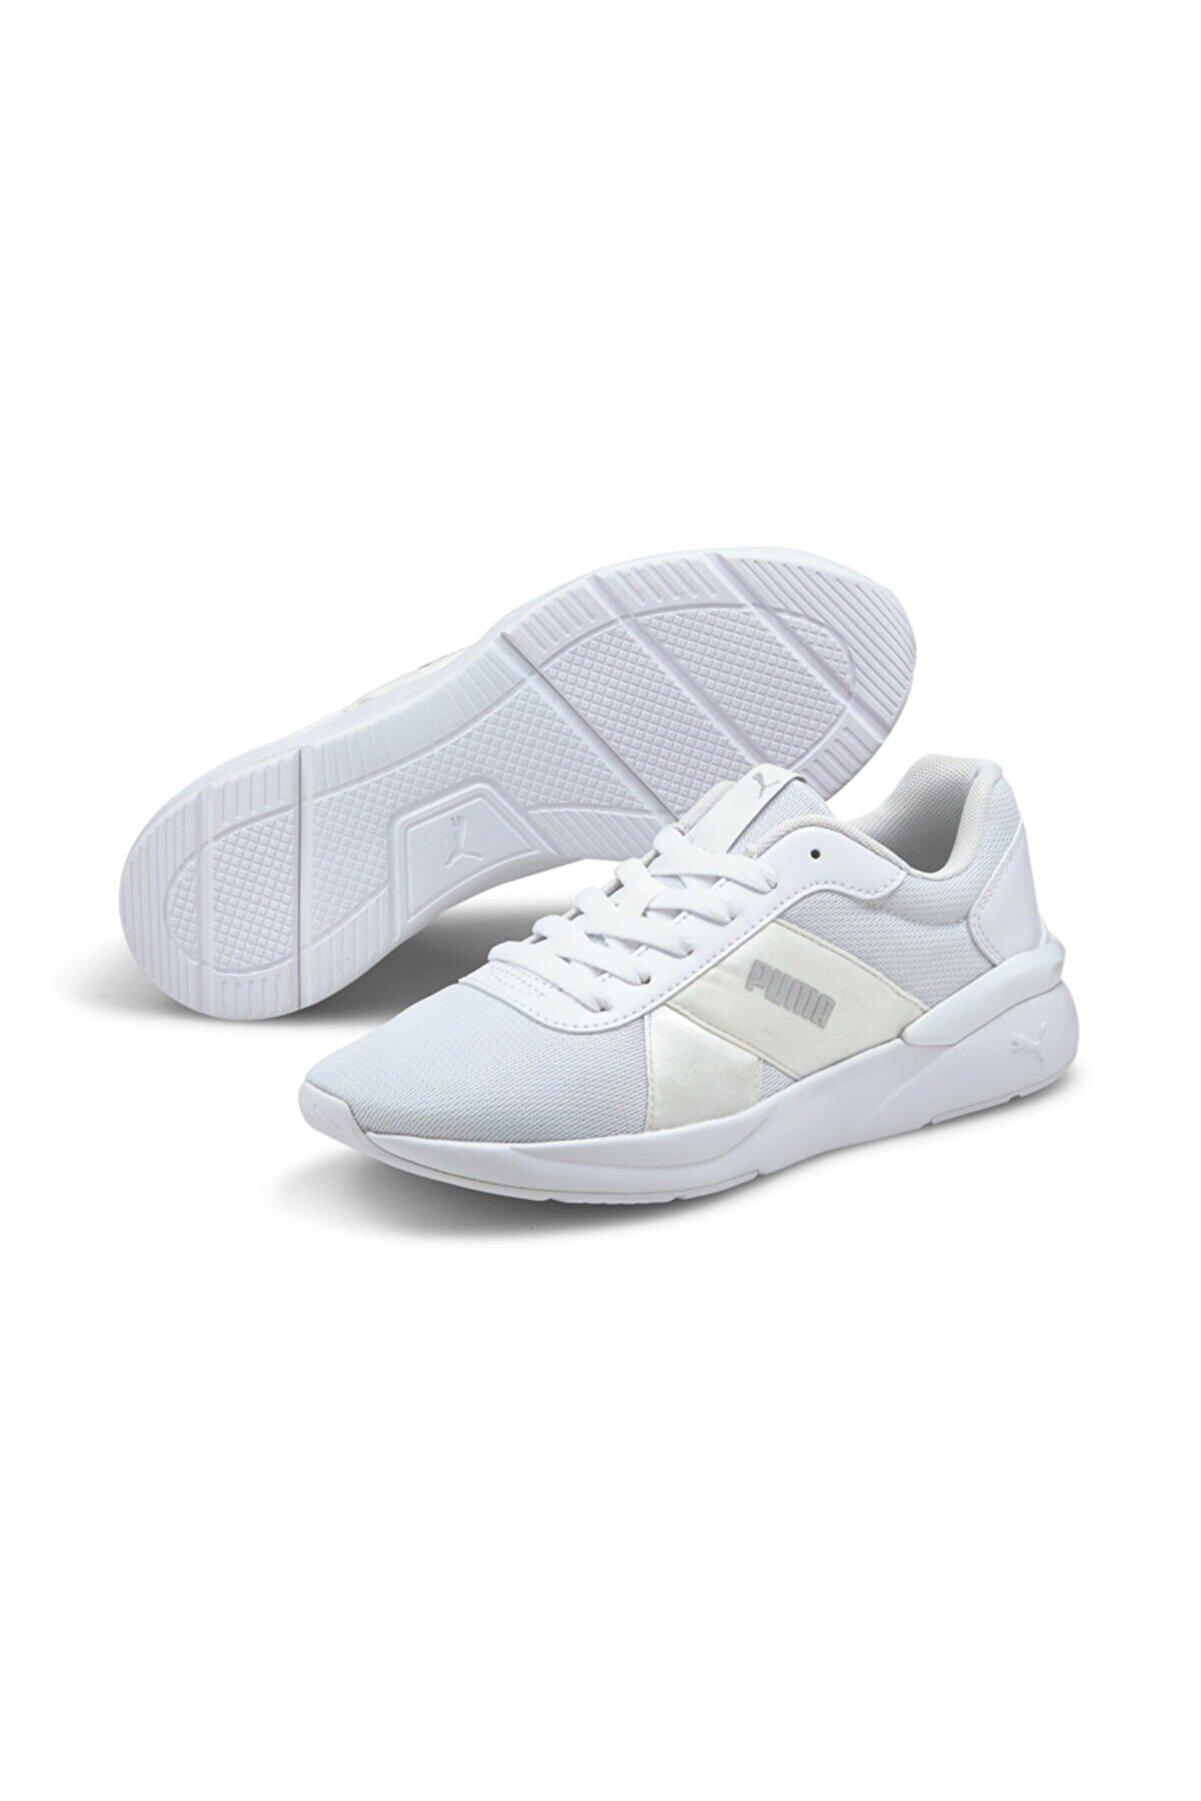 Puma Rose Kadın Spor Ayakkabı - Beyaz